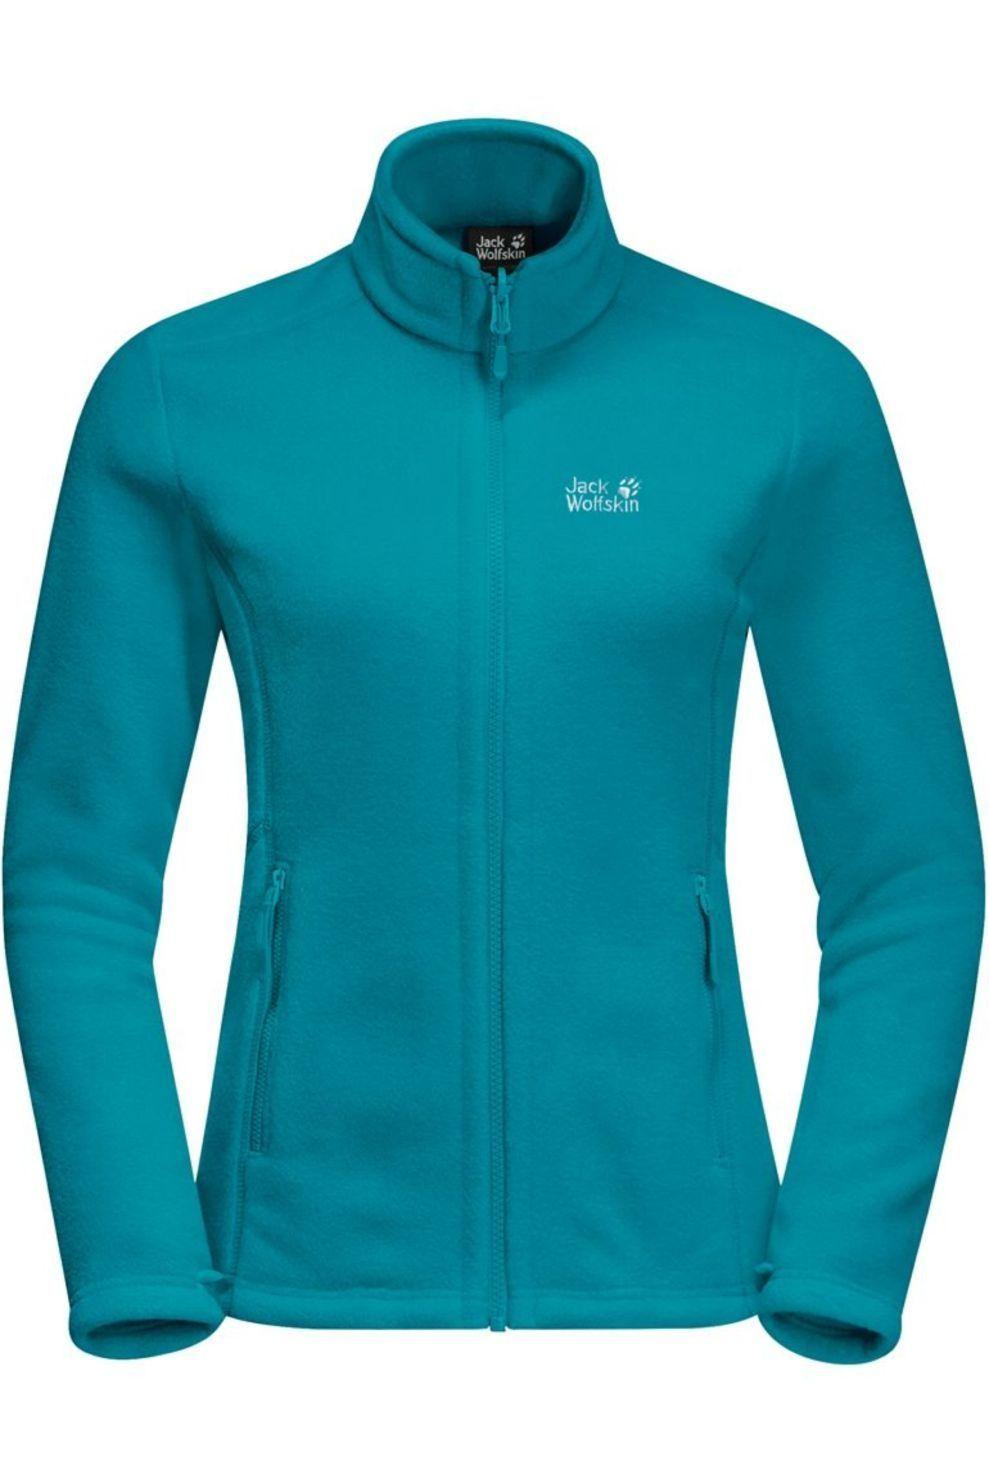 Jack Wolfskin Fleece Moonrise Eco voor dames Blauw Maten: XS, S, M, L, XL, XXL